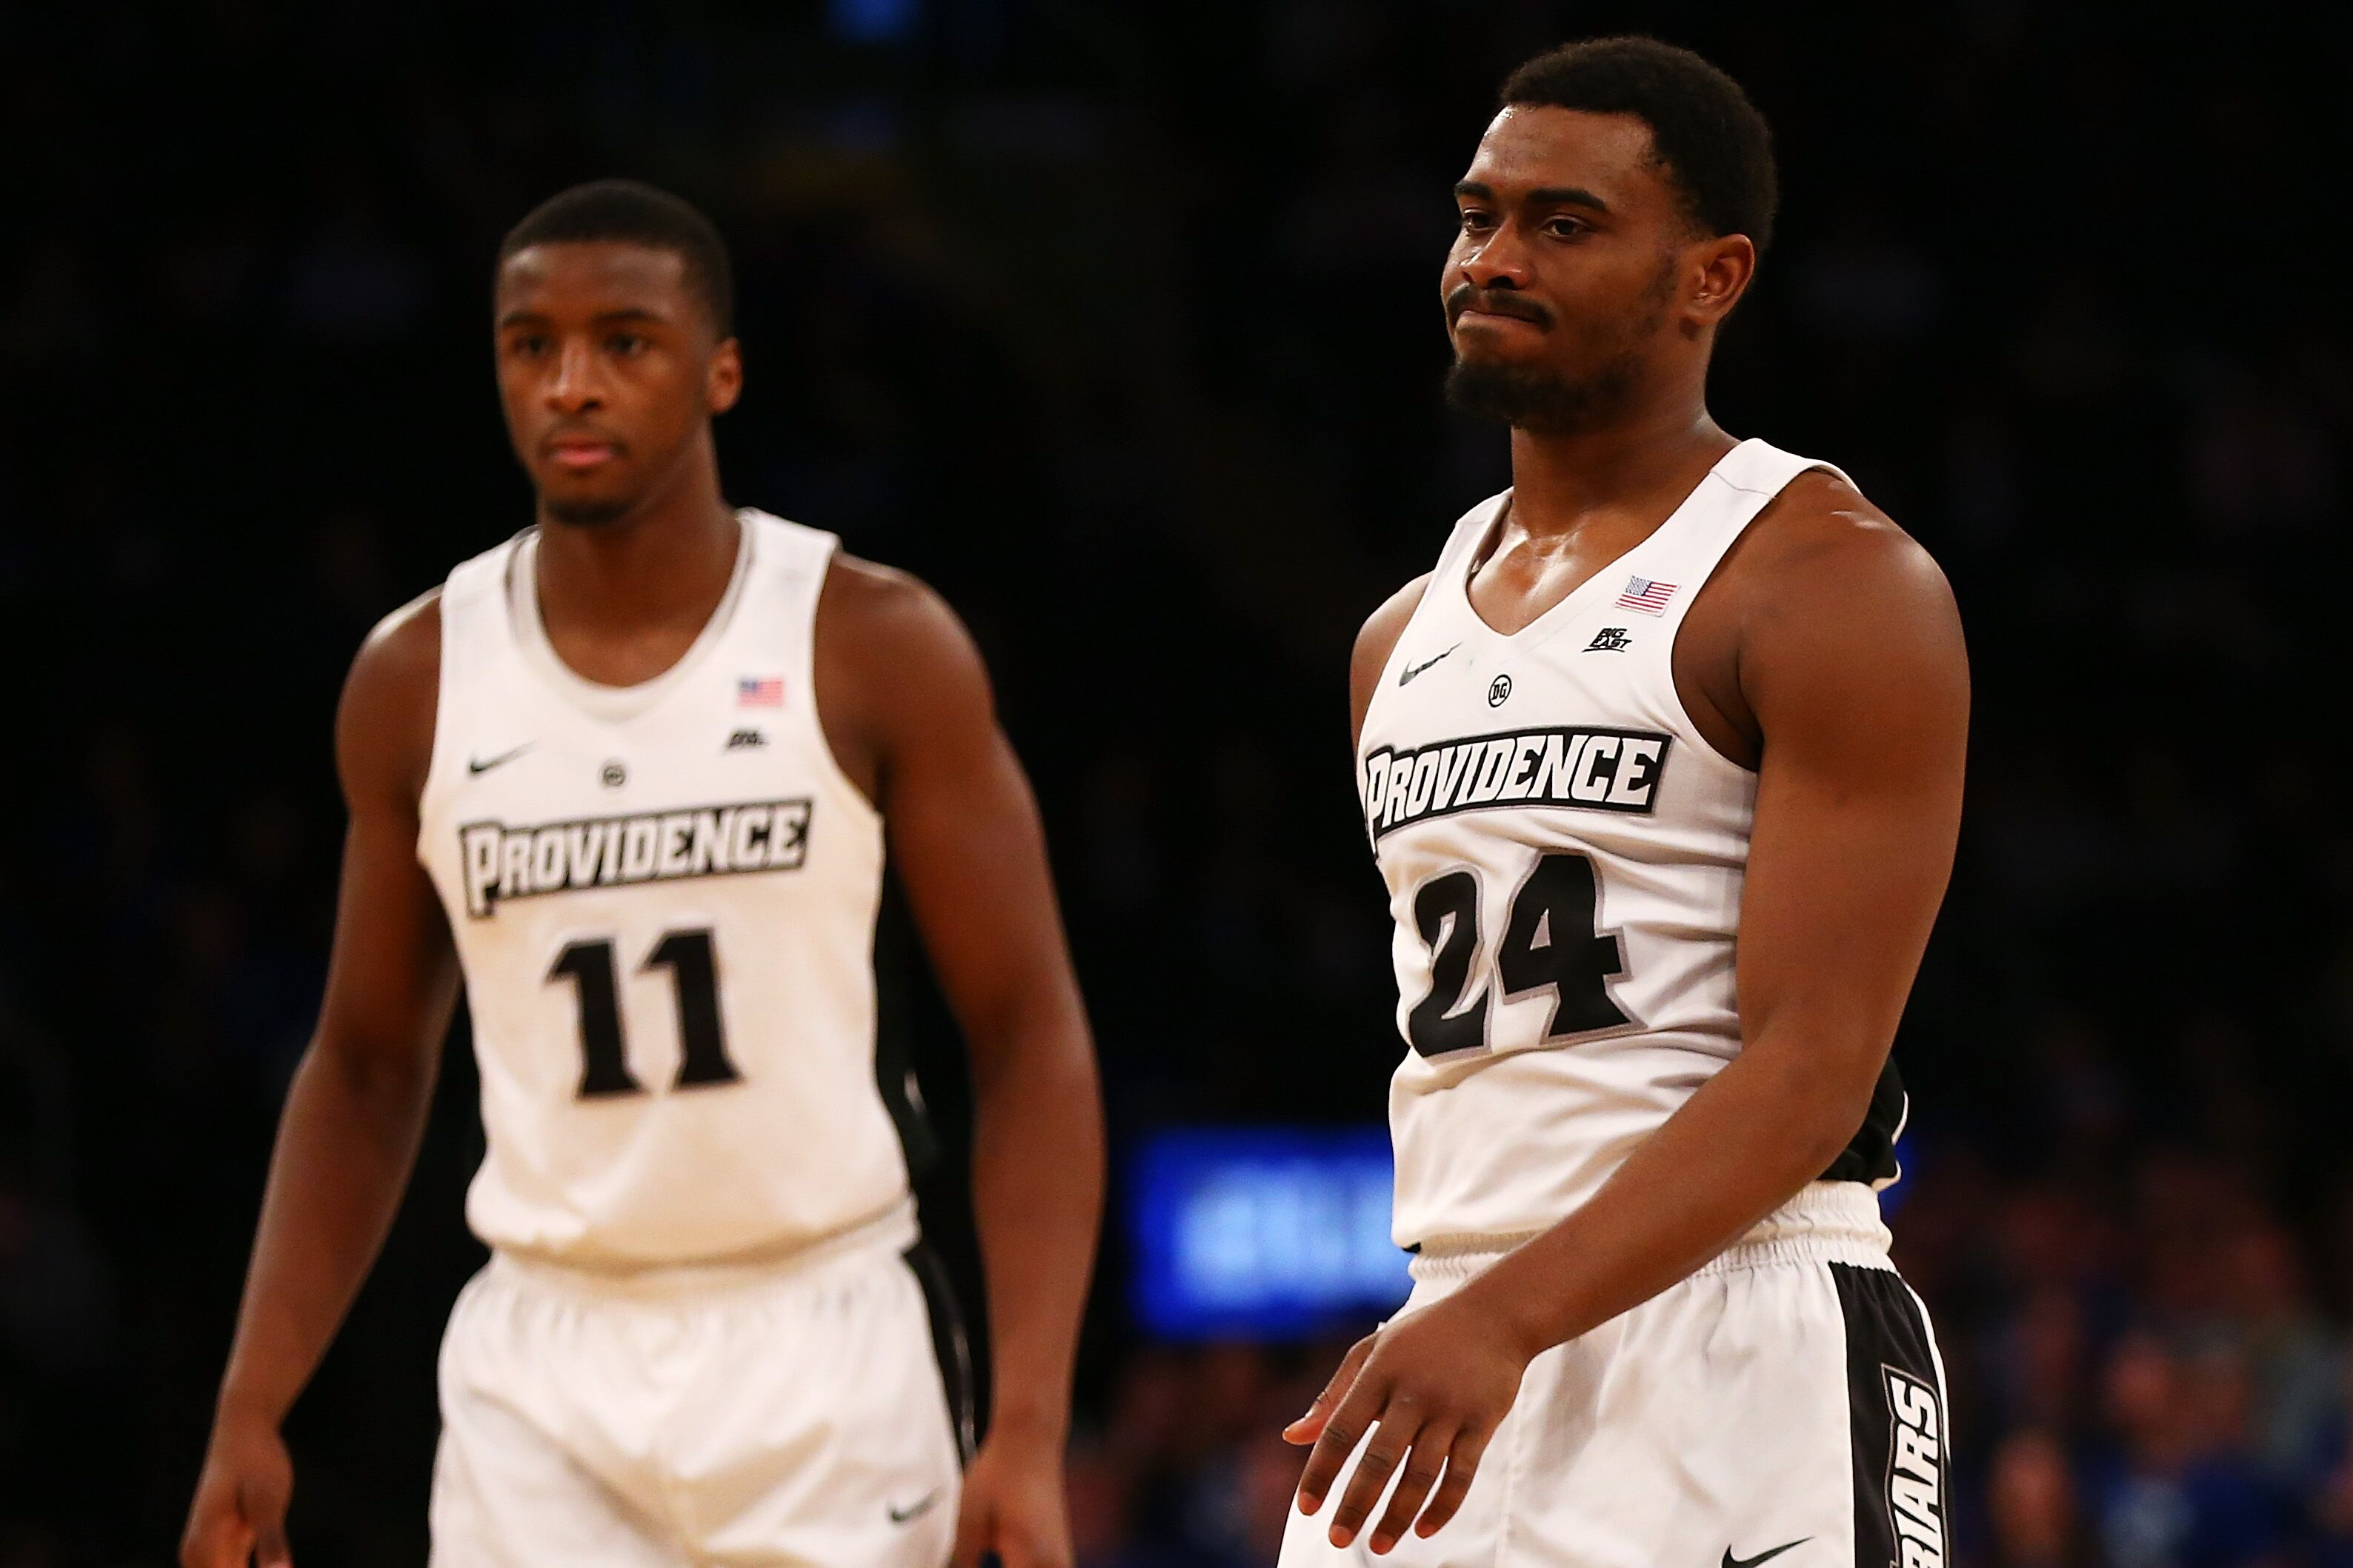 Kentucky Basketball 2017 18 Season Preview For The Wildcats: Providence Basketball: 2017-2018 Season Preview